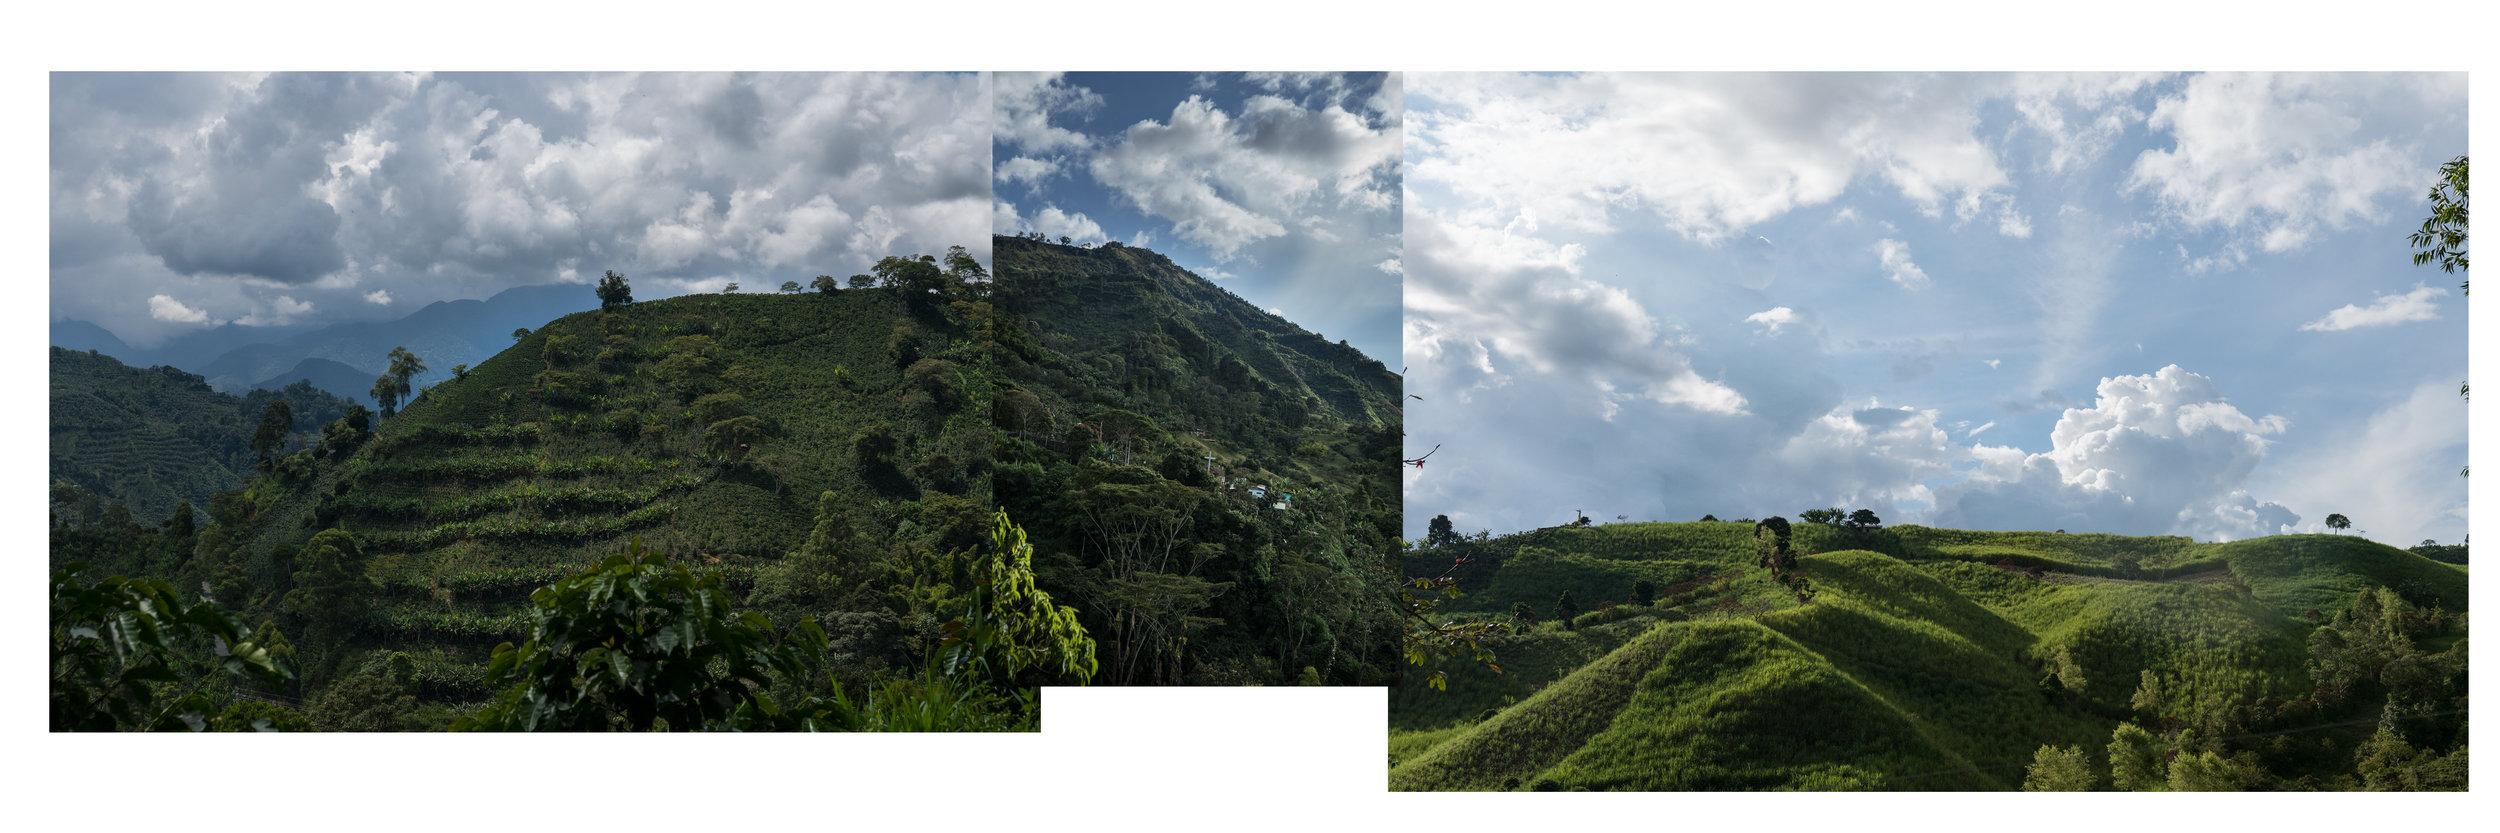 landscape_insta-1.jpg